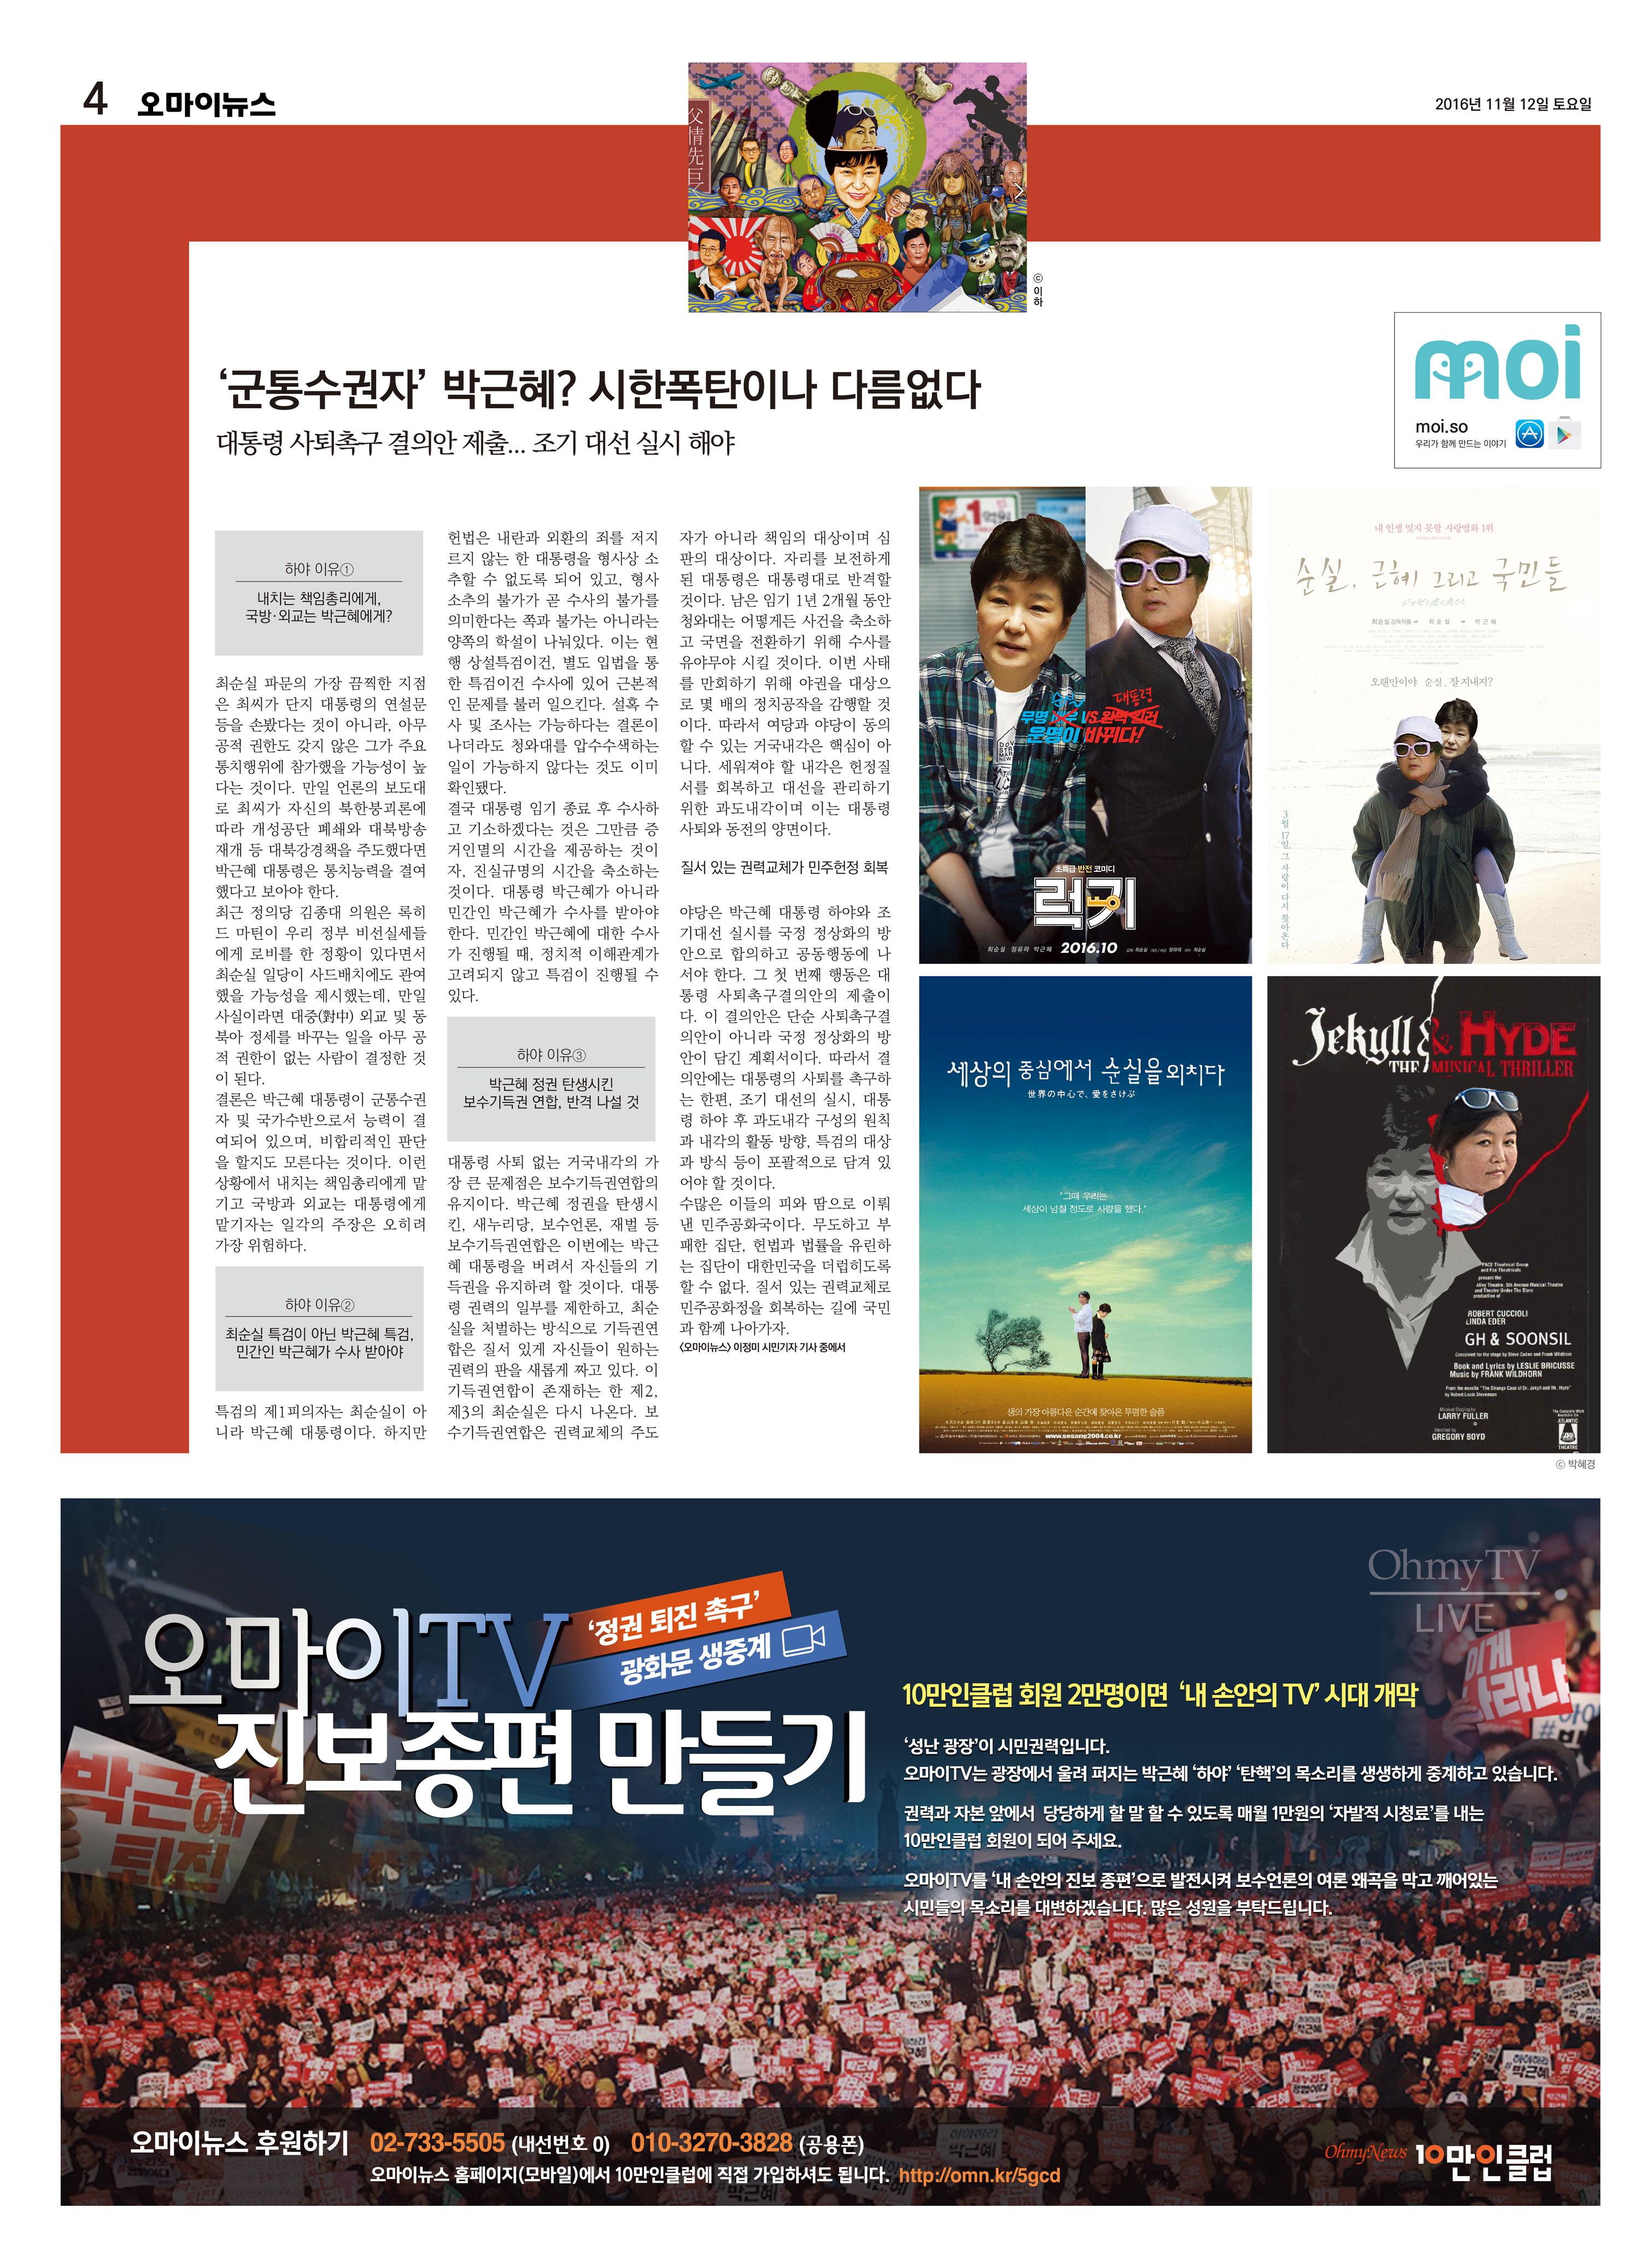 '박근혜 하야' 1112 민중총궐기 오마이뉴스 특별판